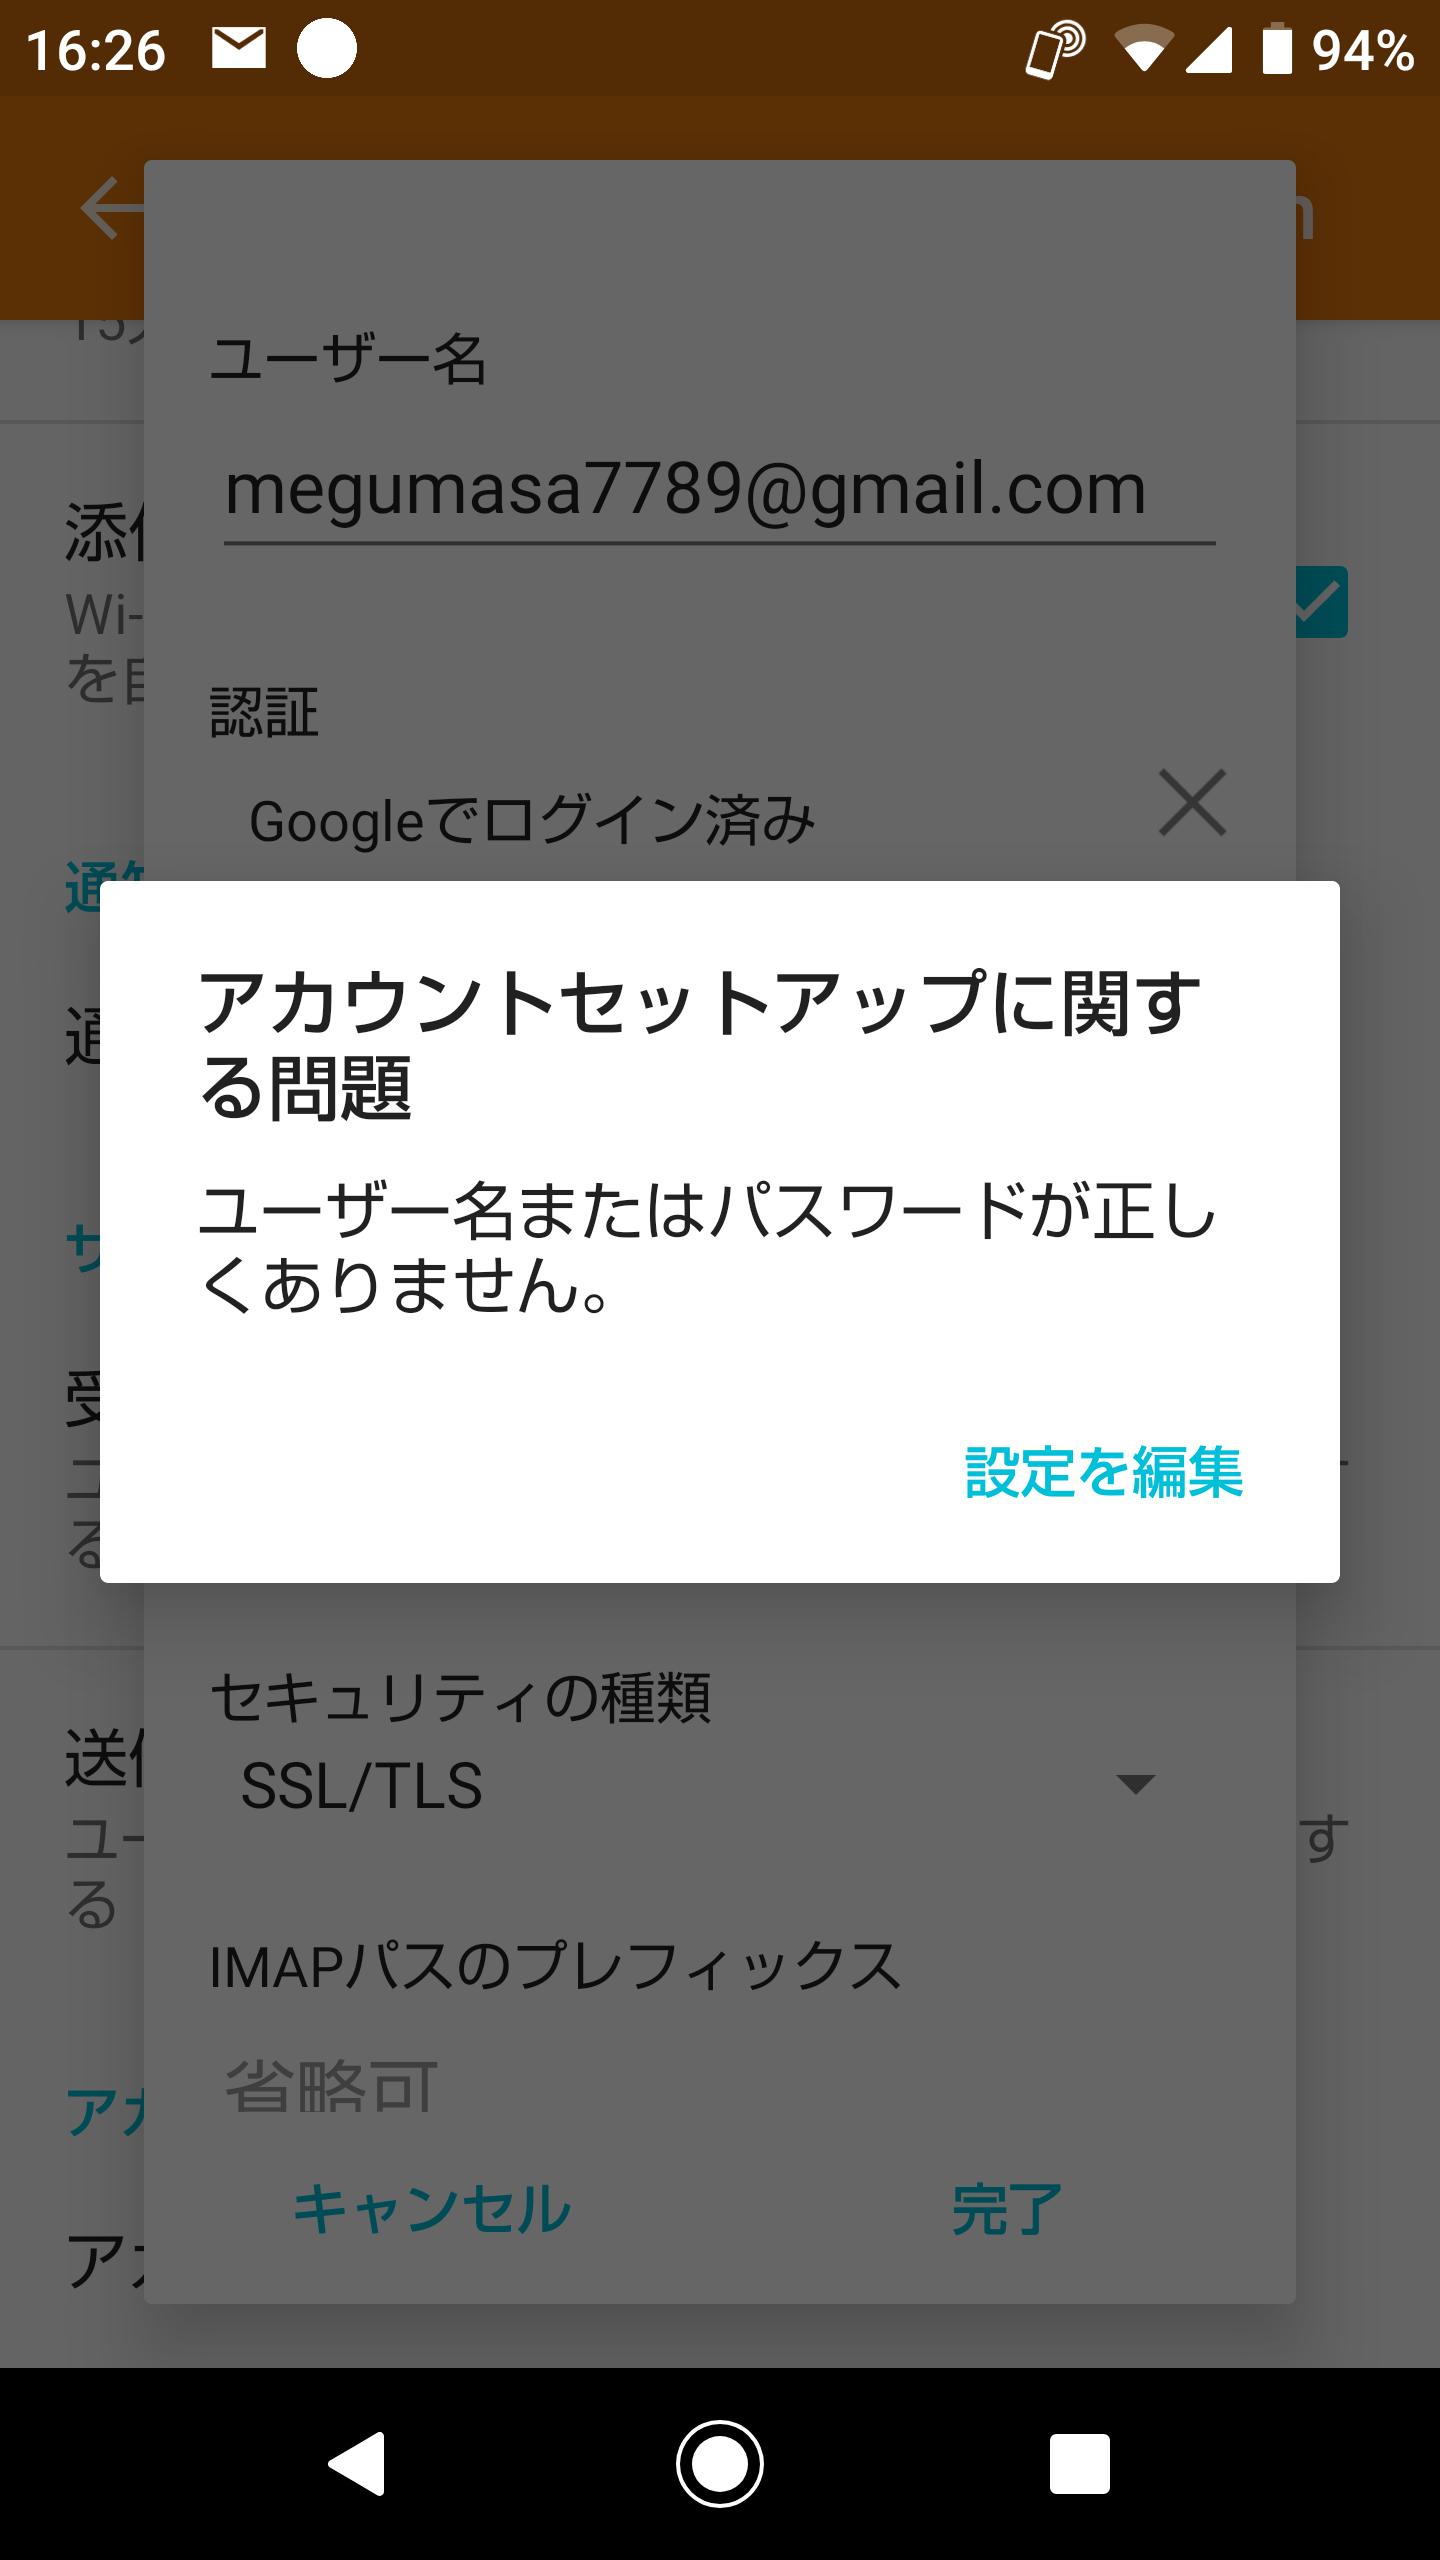 Com ログイン gmail